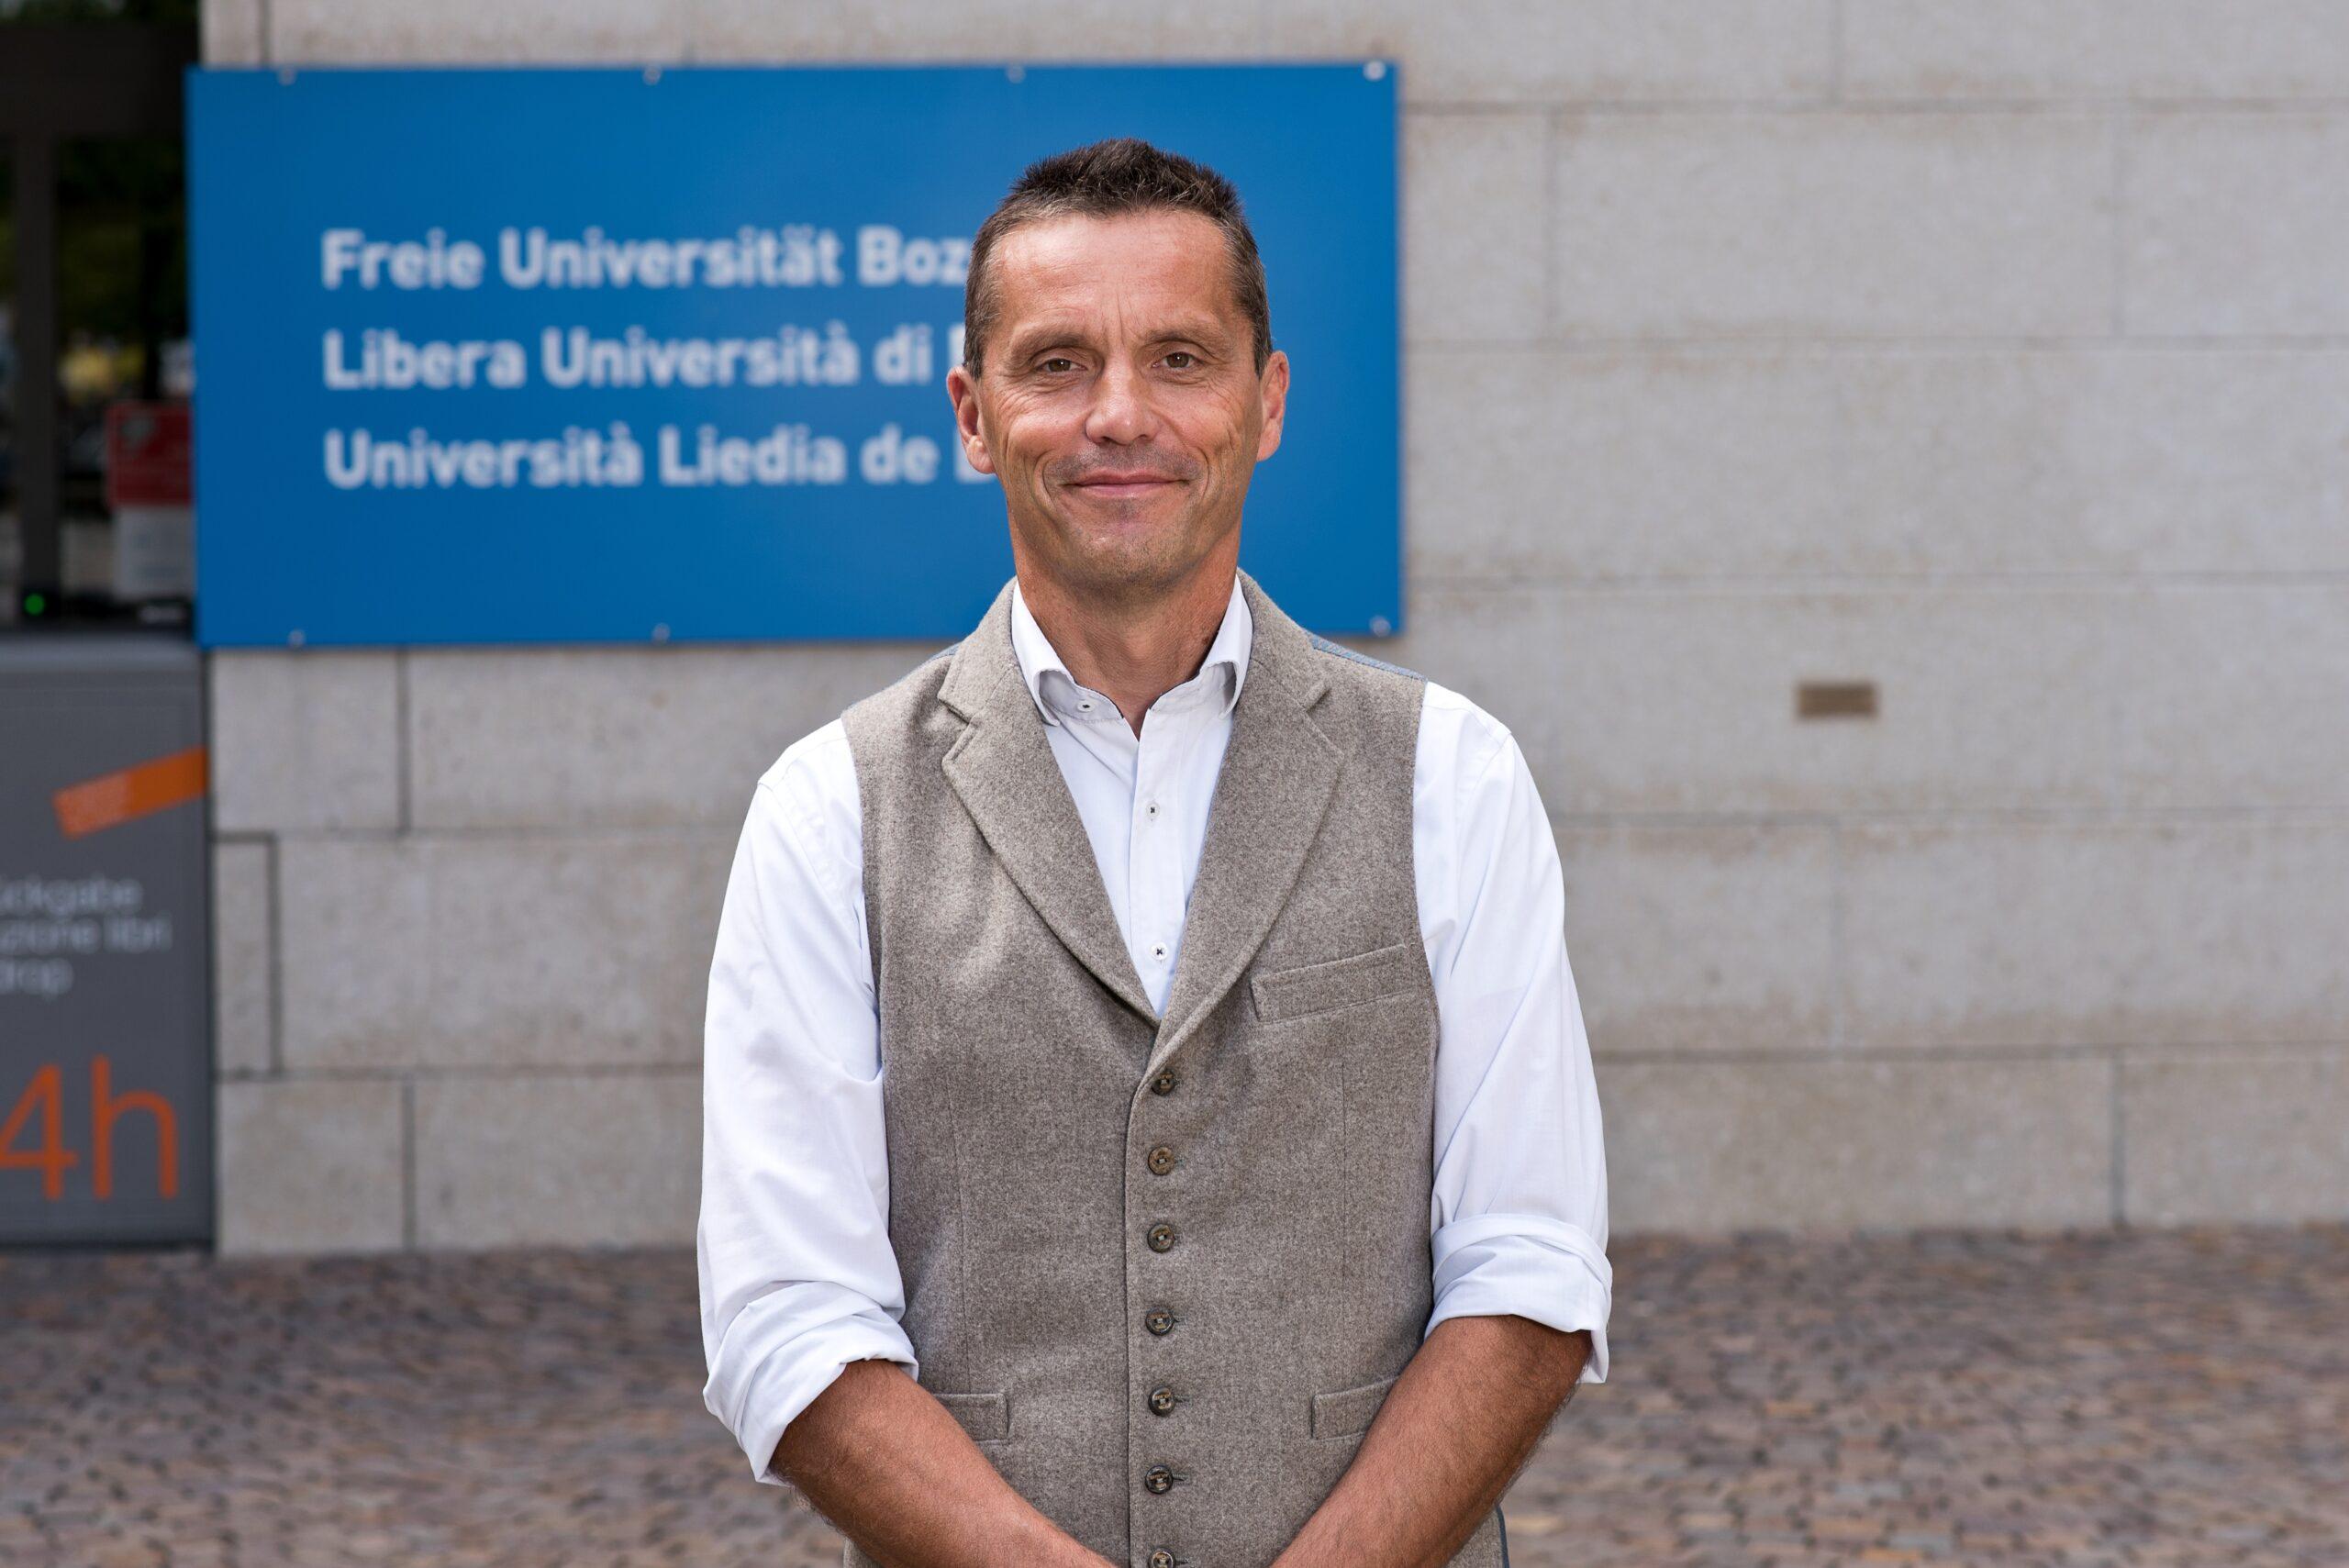 Honorary Membership to Matthias Gauly